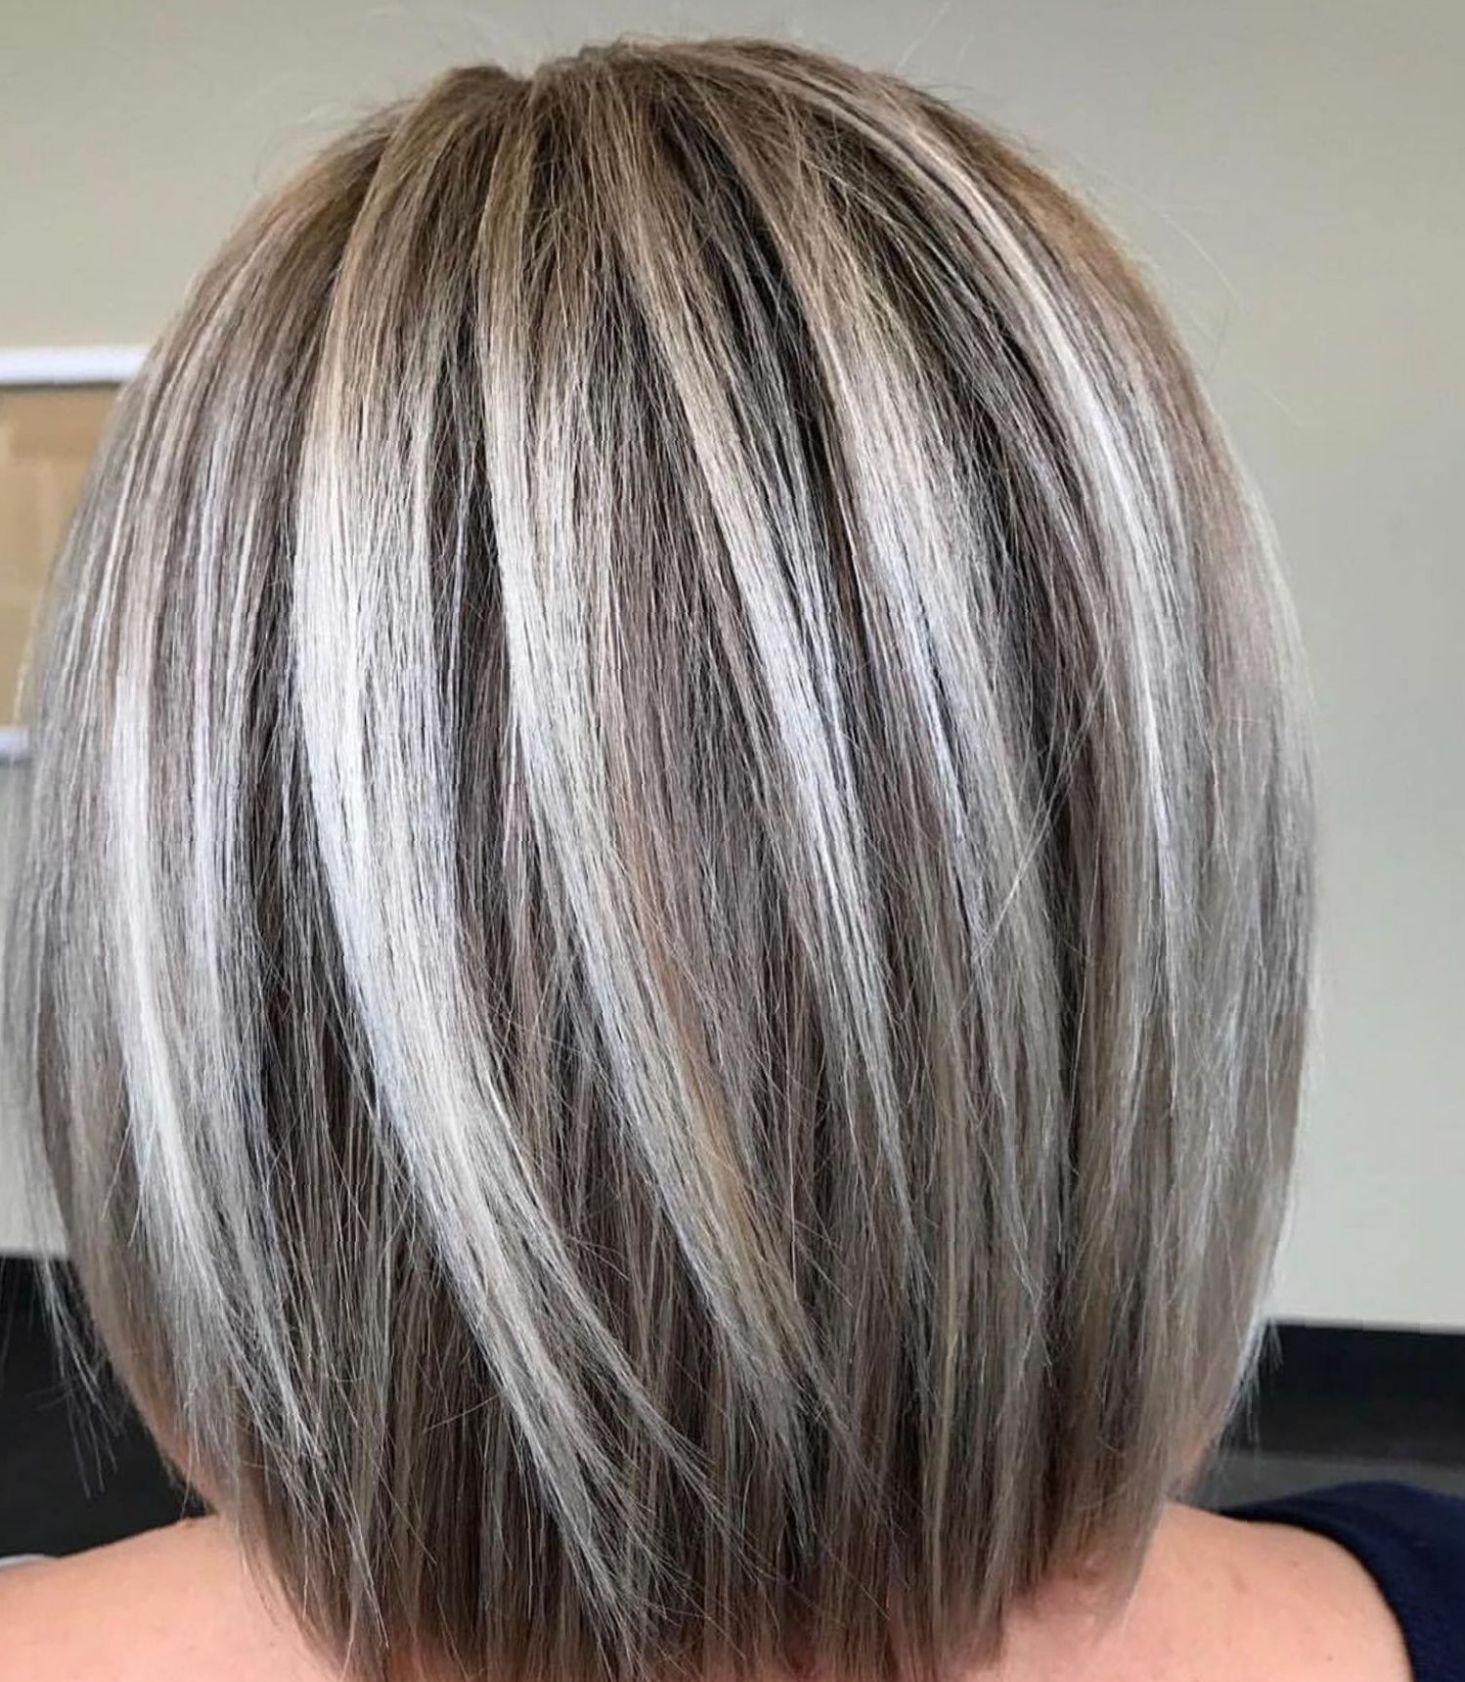 Long Bob Frisur Haarschnitt Trends Haare Silber Farben Haartrends Grau Haarfarbe Grey Haircolor Gra Bob Frisur Graue Haare Haarschnitt Farbe Fur Haare